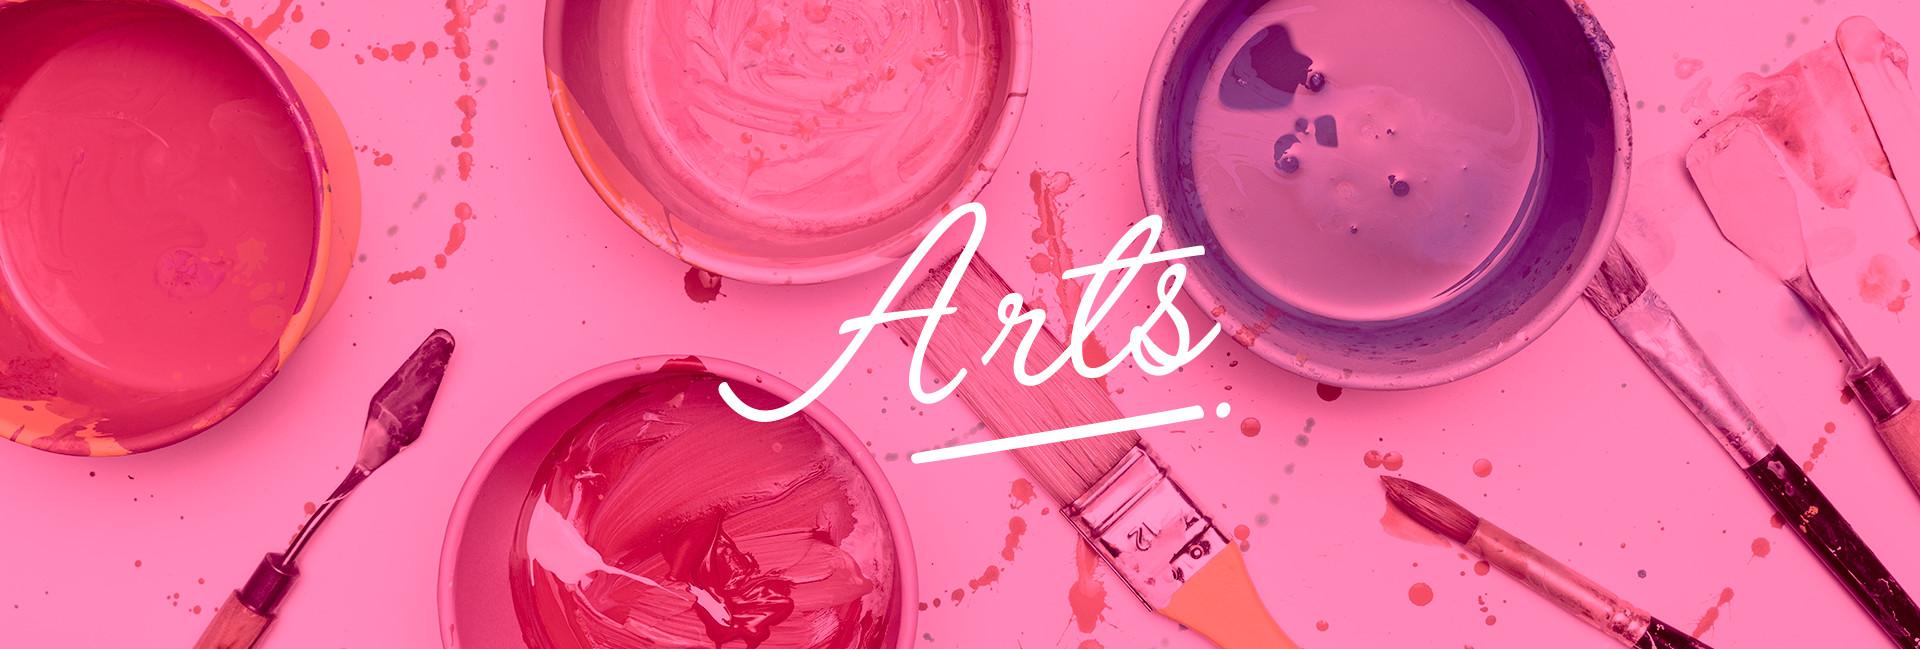 01-header-Arts.jpg